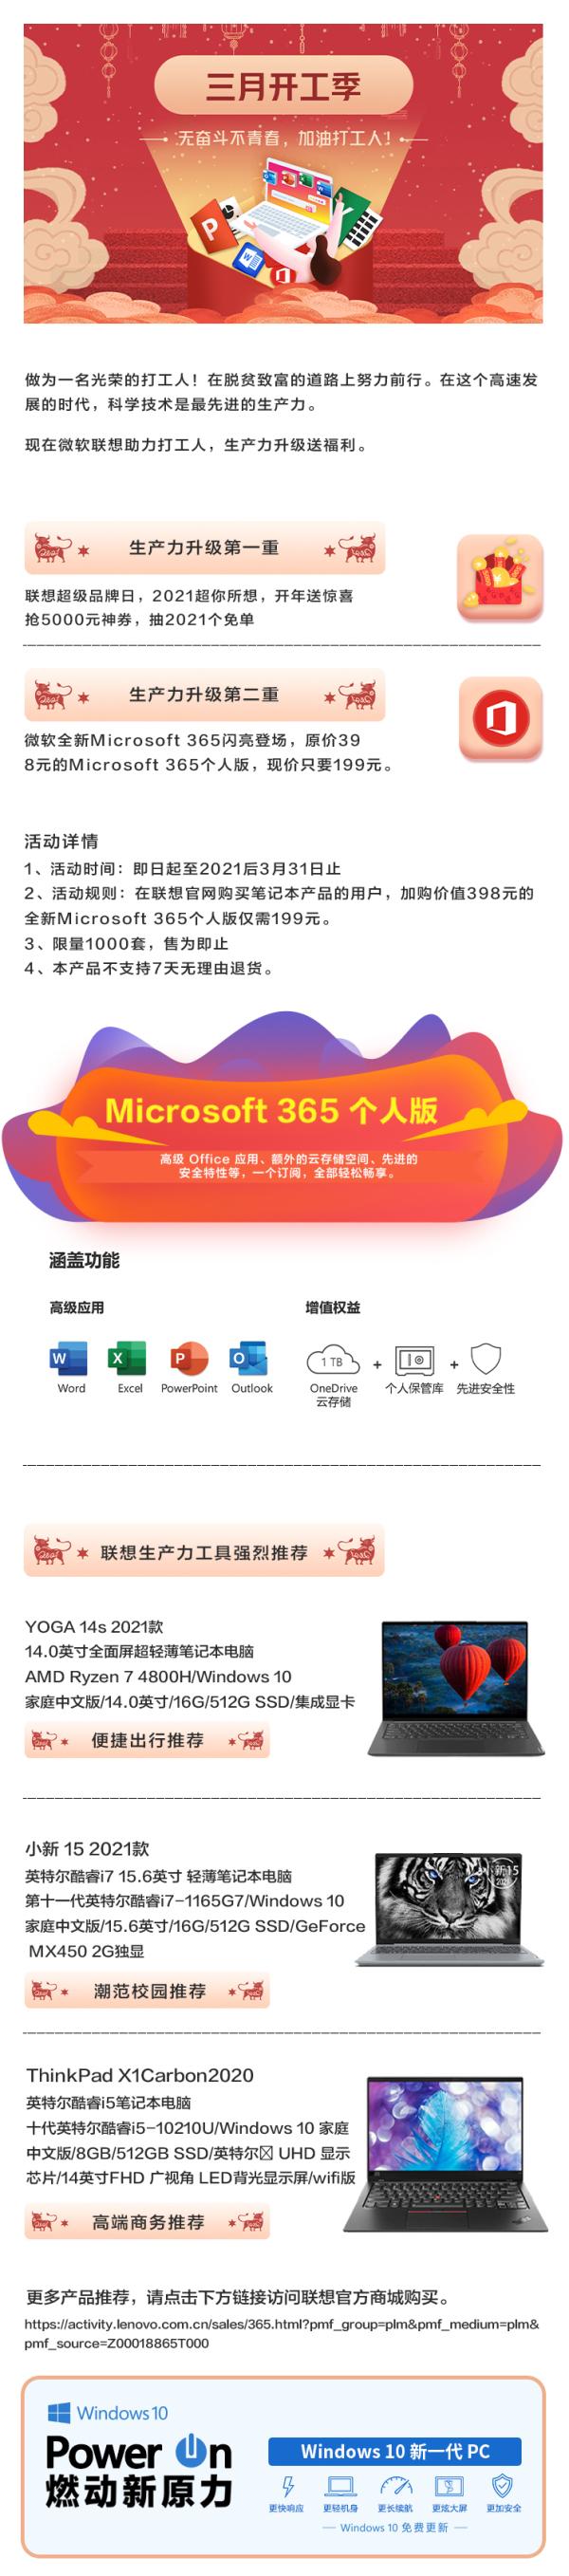 生产力升级 助力打工人 全新Microsoft 365 限时五折